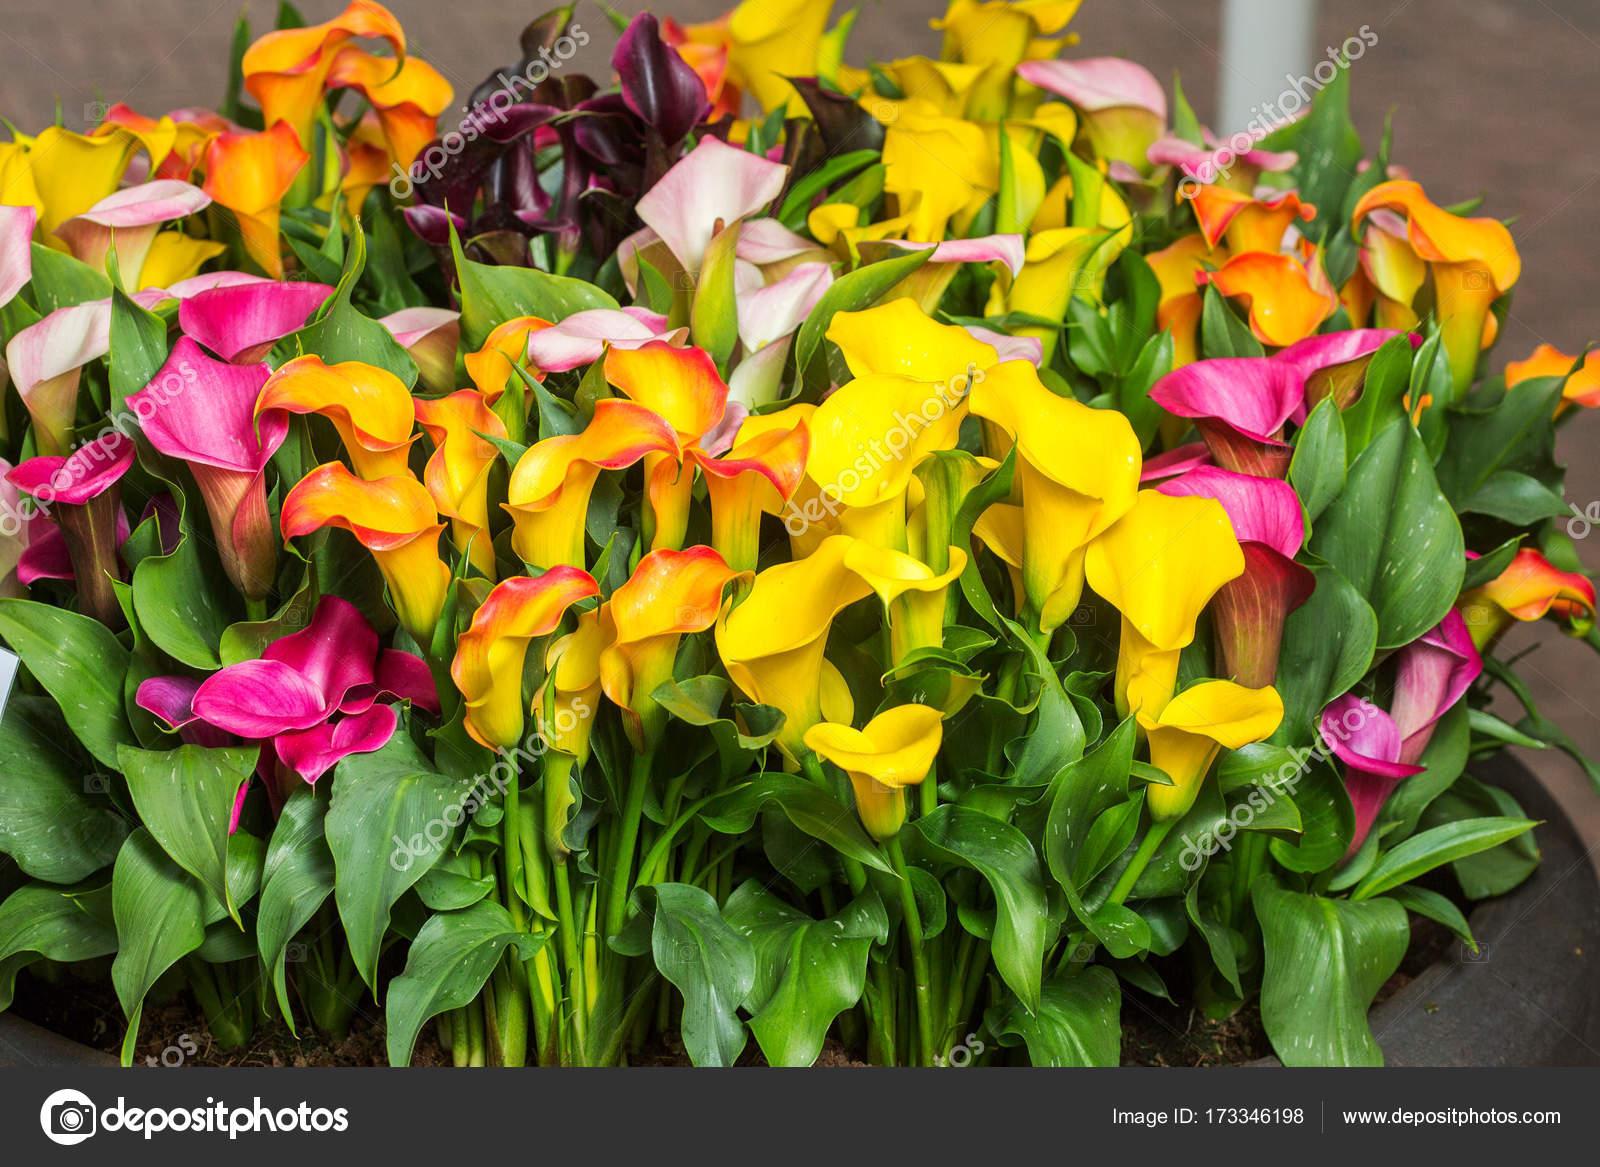 Etwas Neues genug schön bunt Calla Lilie Blumen im Garten — Stockfoto &QI_19